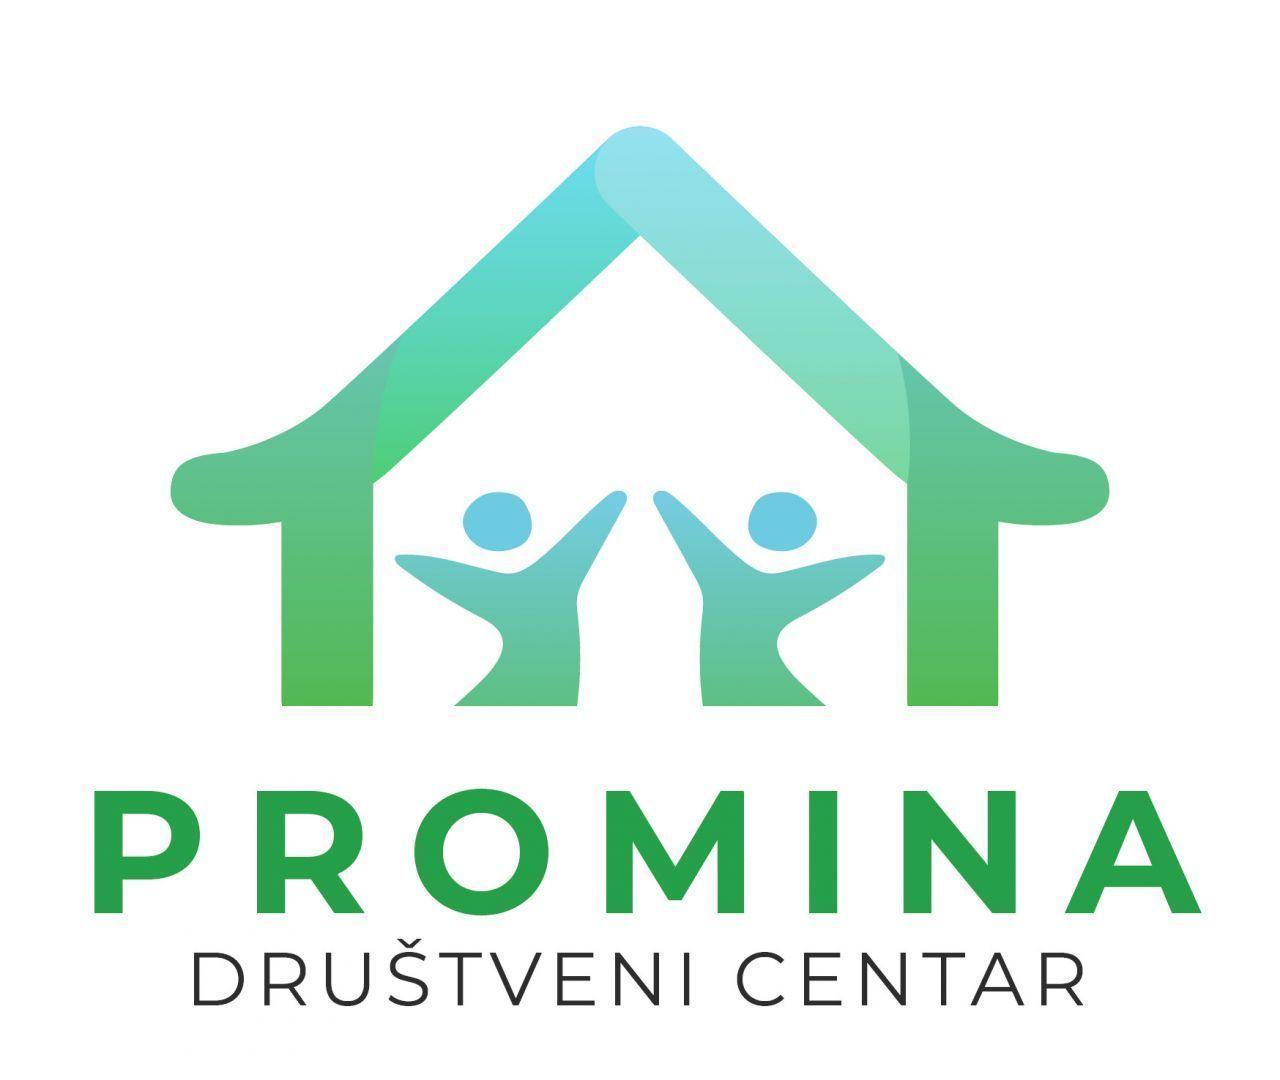 """Ekološka udruga """"Krka"""" - poziv na info kampanju """"Stop ovisnosti"""" u sklopu projekta """"Društveni centar Promina"""" (UP. 04.2.1.07.0029)"""